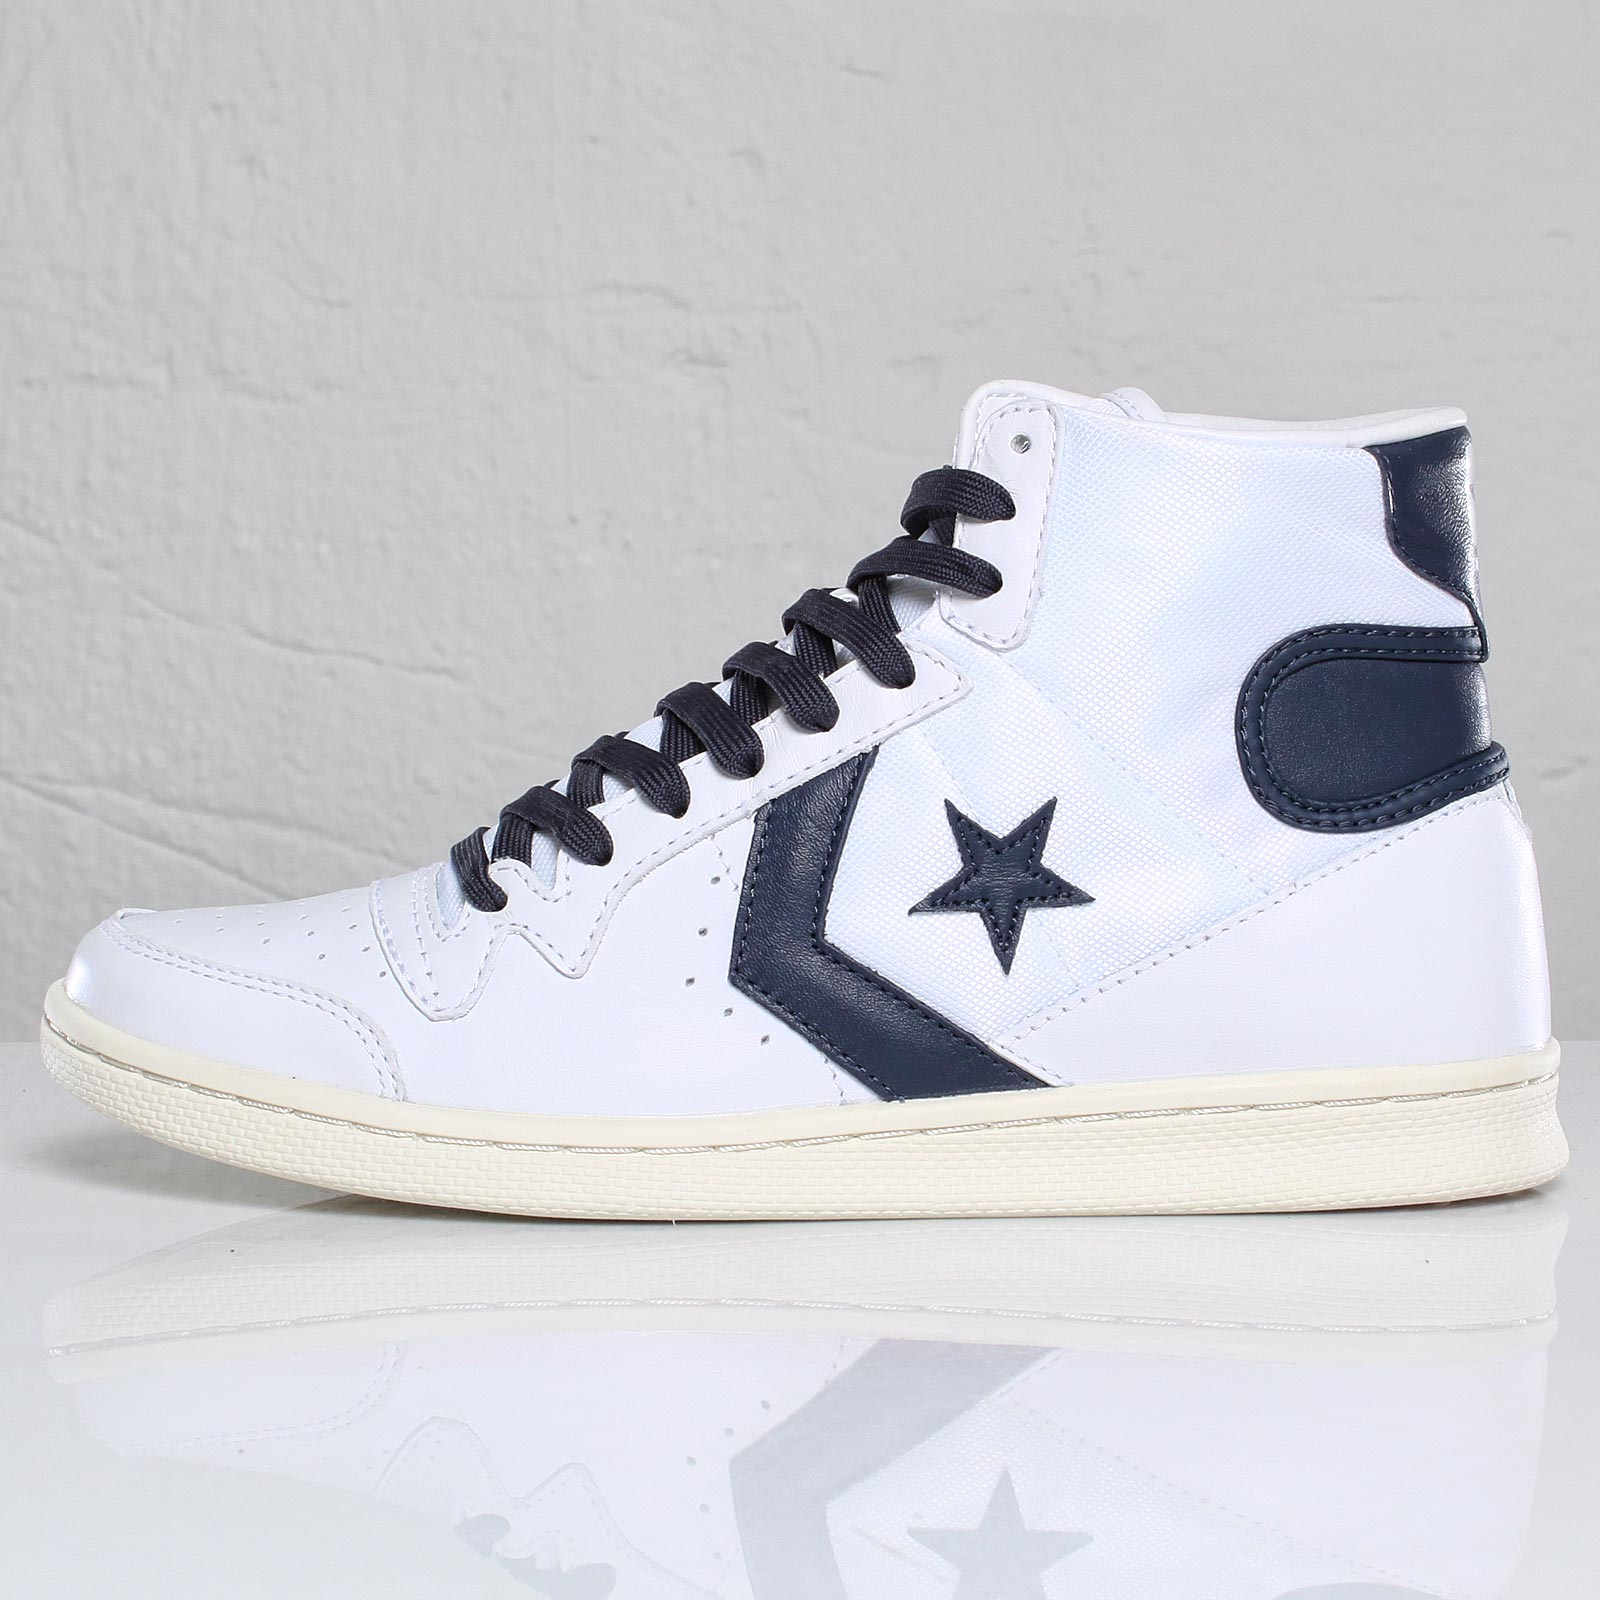 793c3644b3fe Converse Fast Break Pro Leather Mid - 101296 - Sneakersnstuff ...